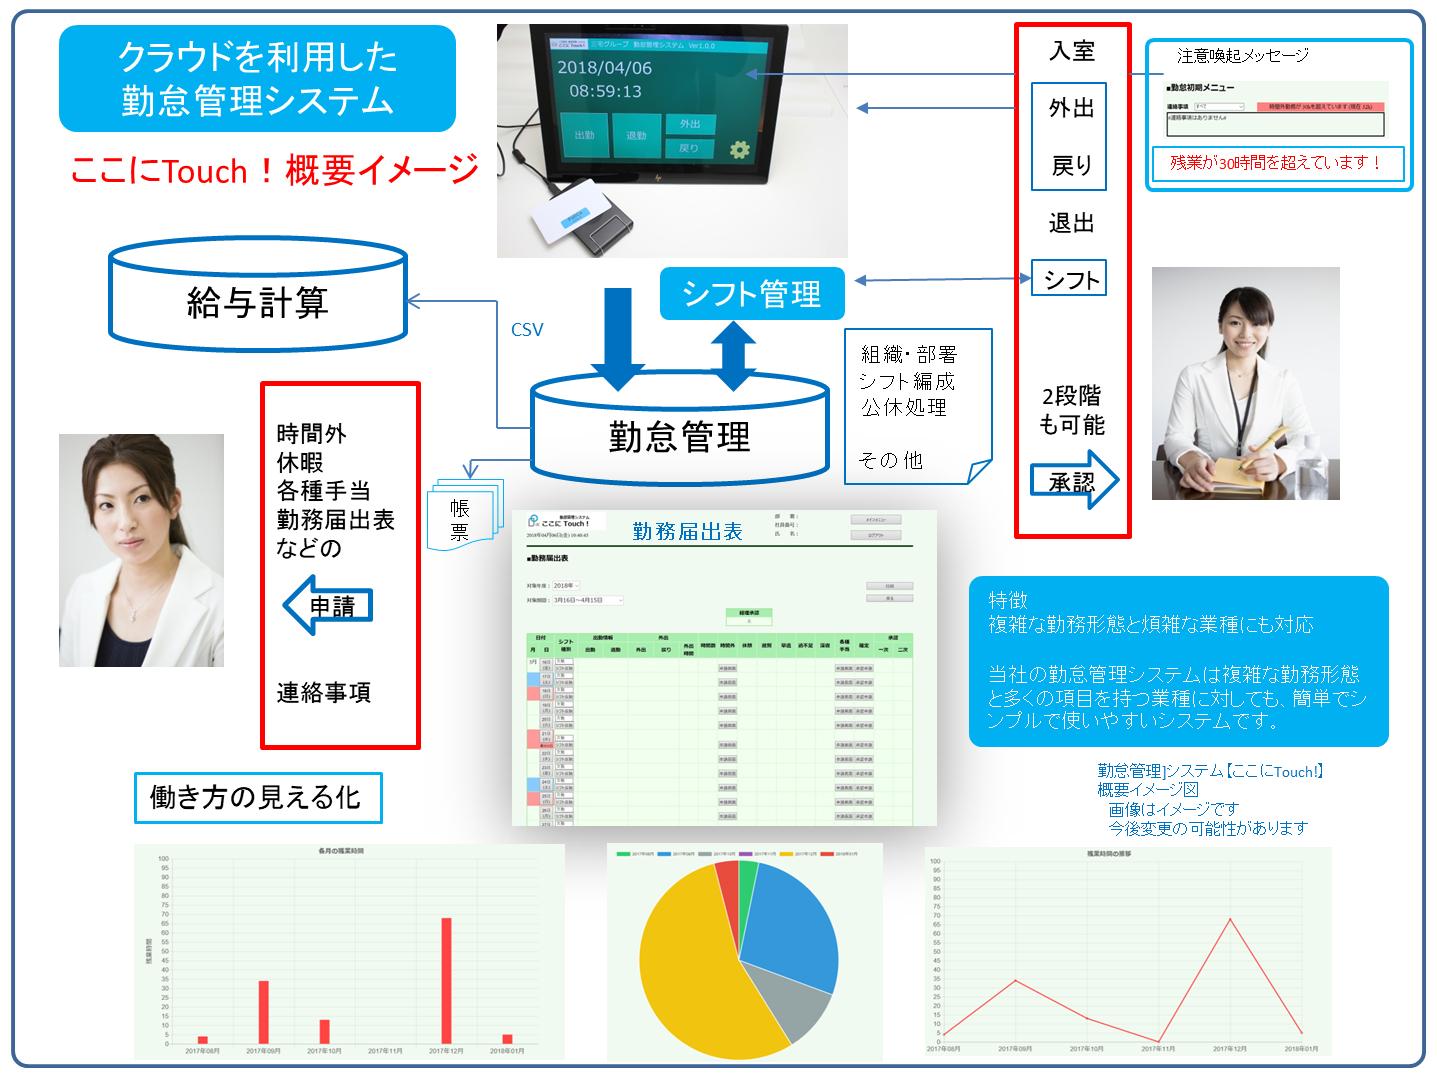 勤怠管理システム【ここにTouchi!】